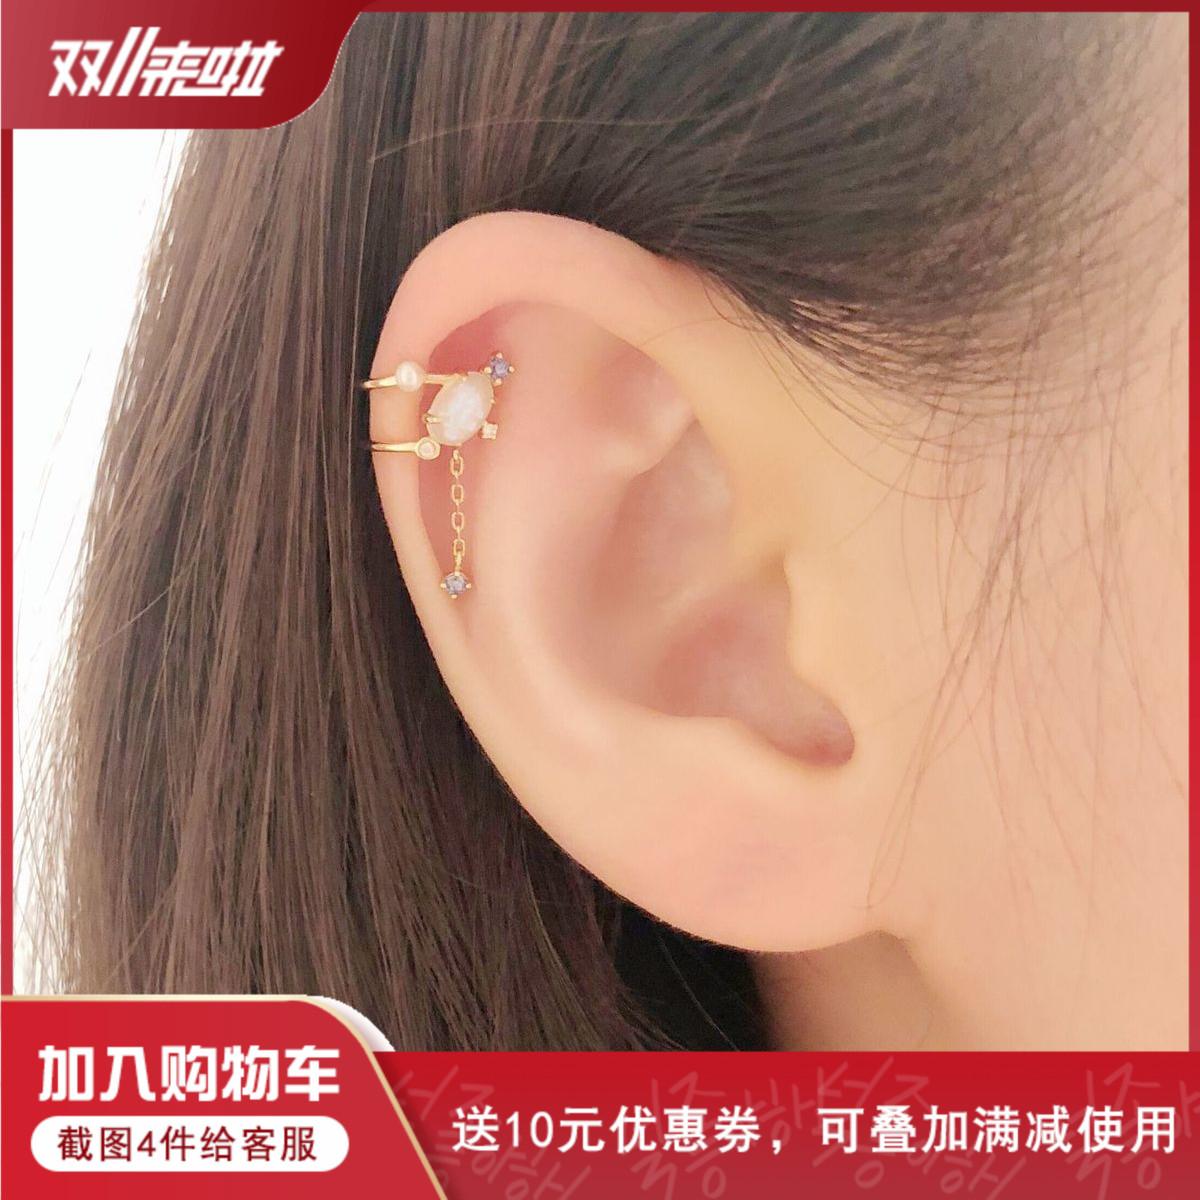 日本take up 复古天然澳宝 个性耳骨夹 无耳洞耳夹 s925银